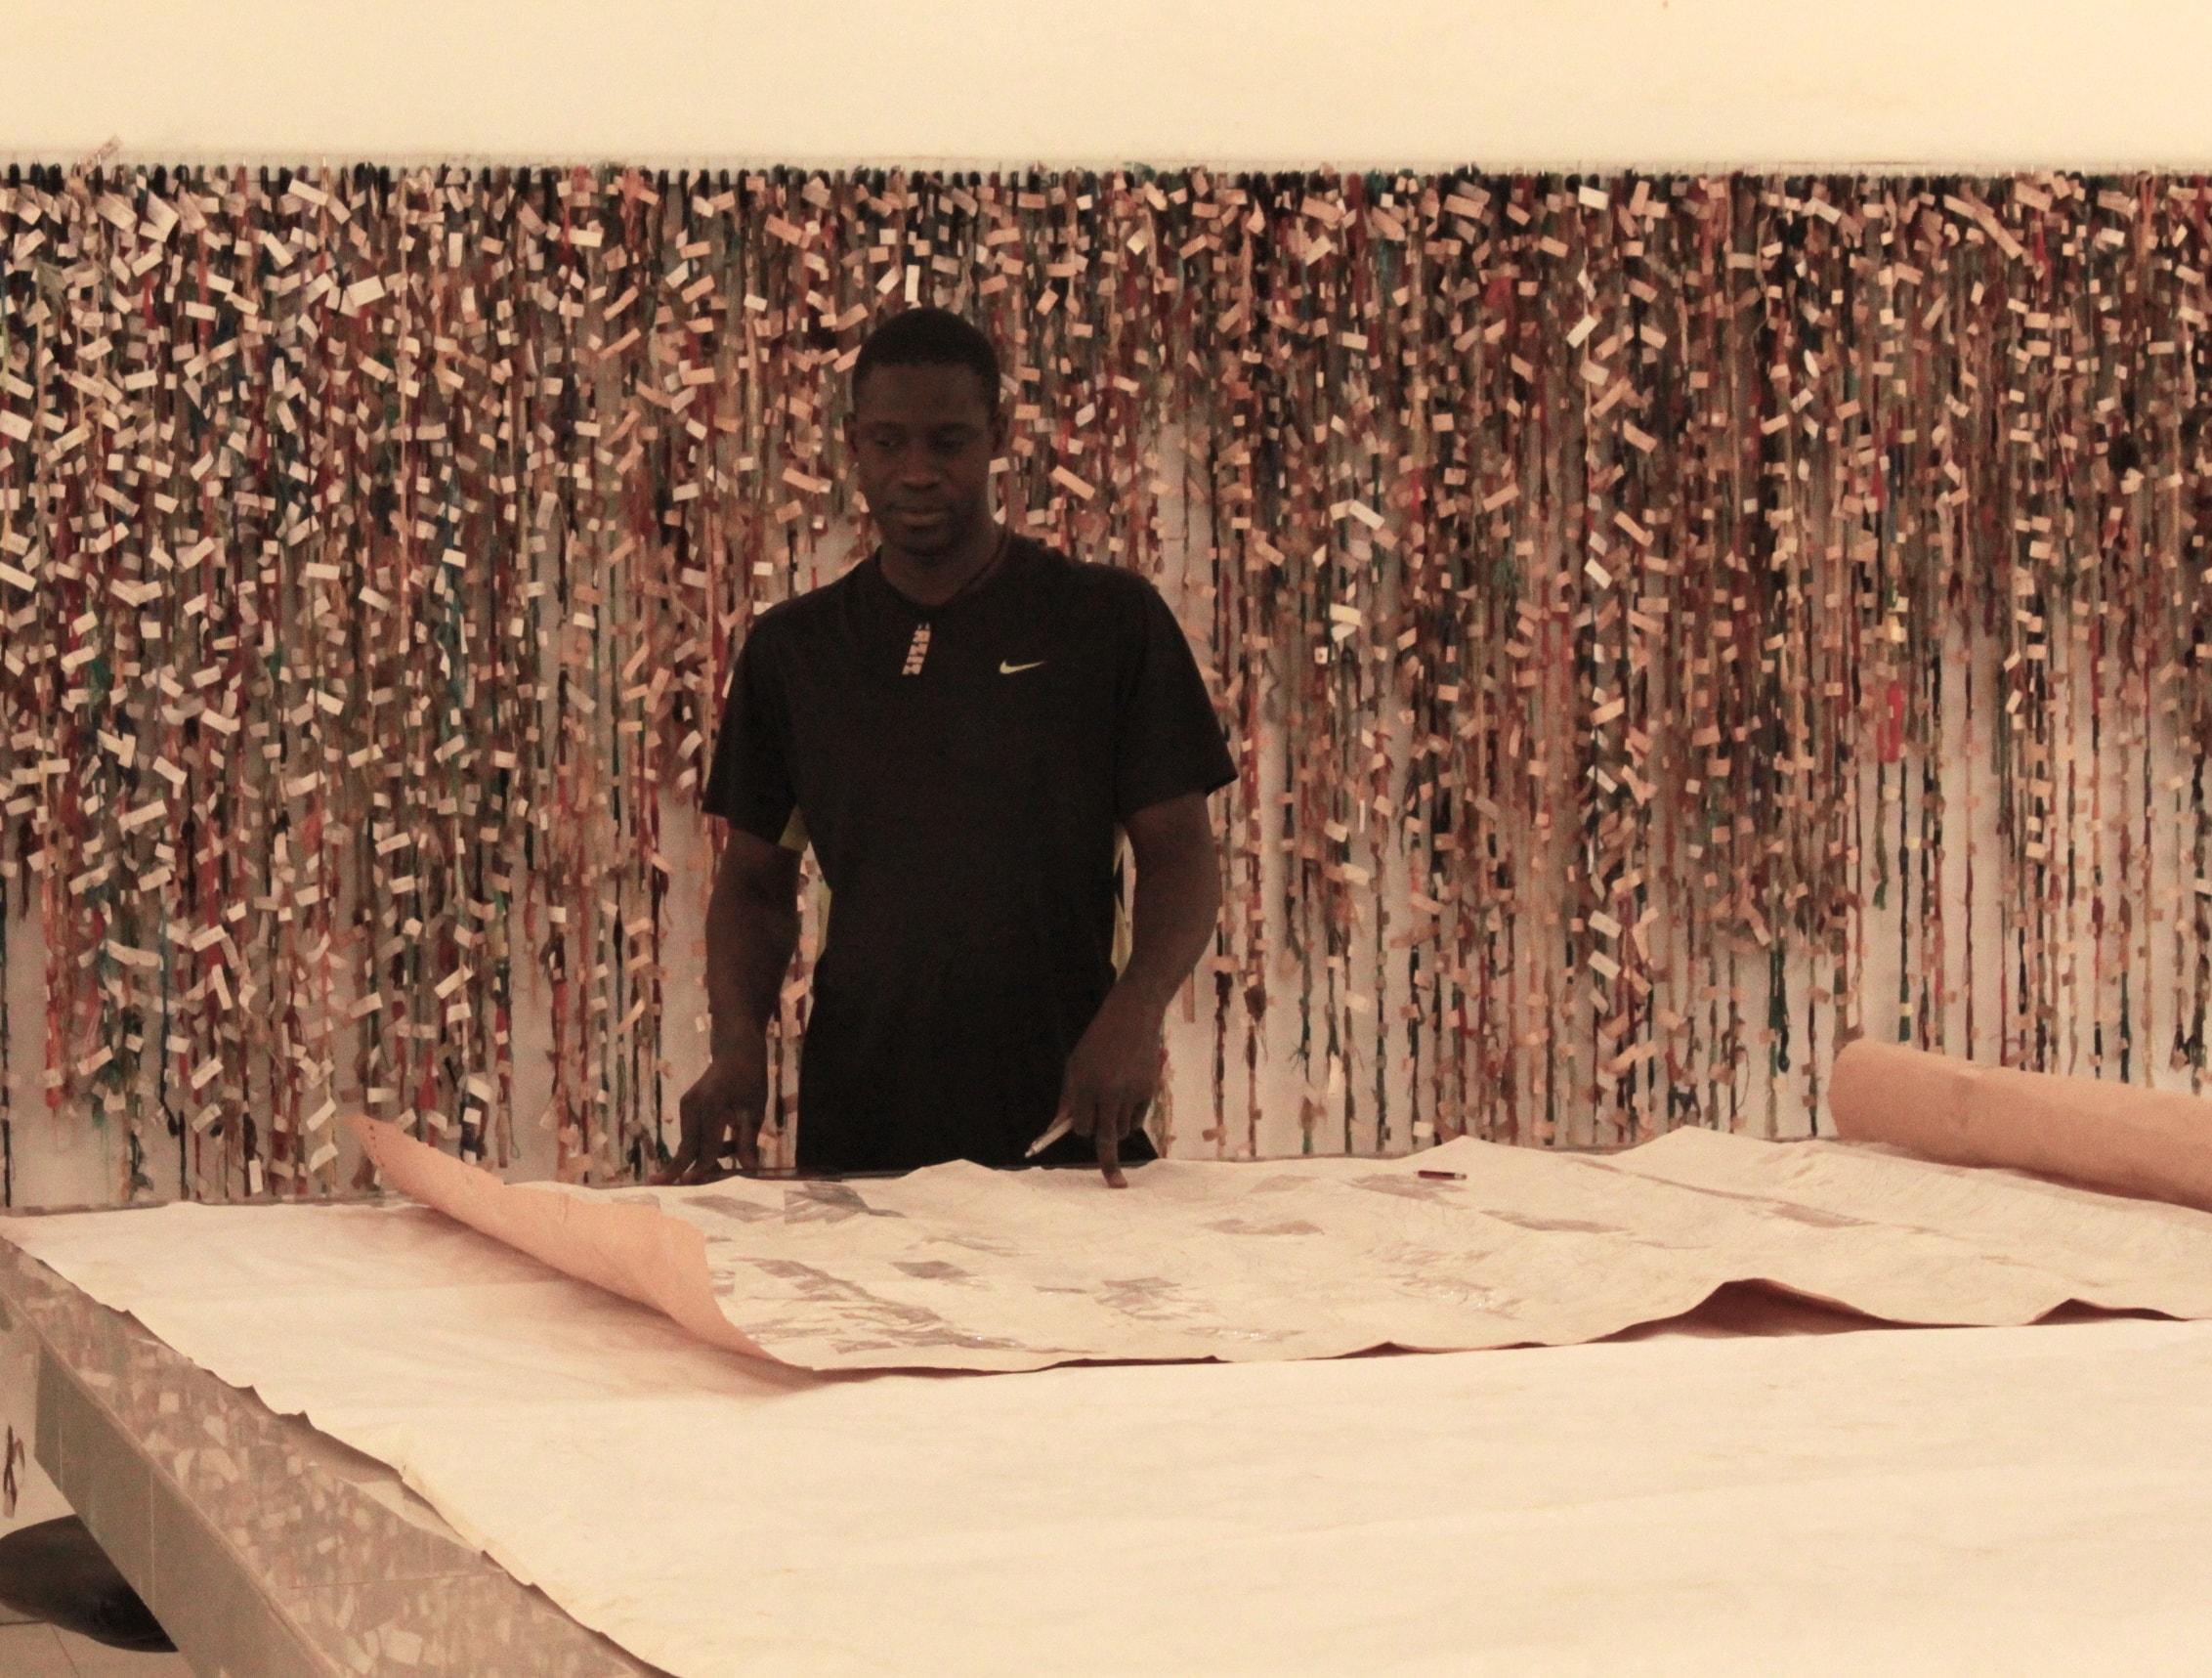 La manufacture de tapisserie du Sénégal, Thiès